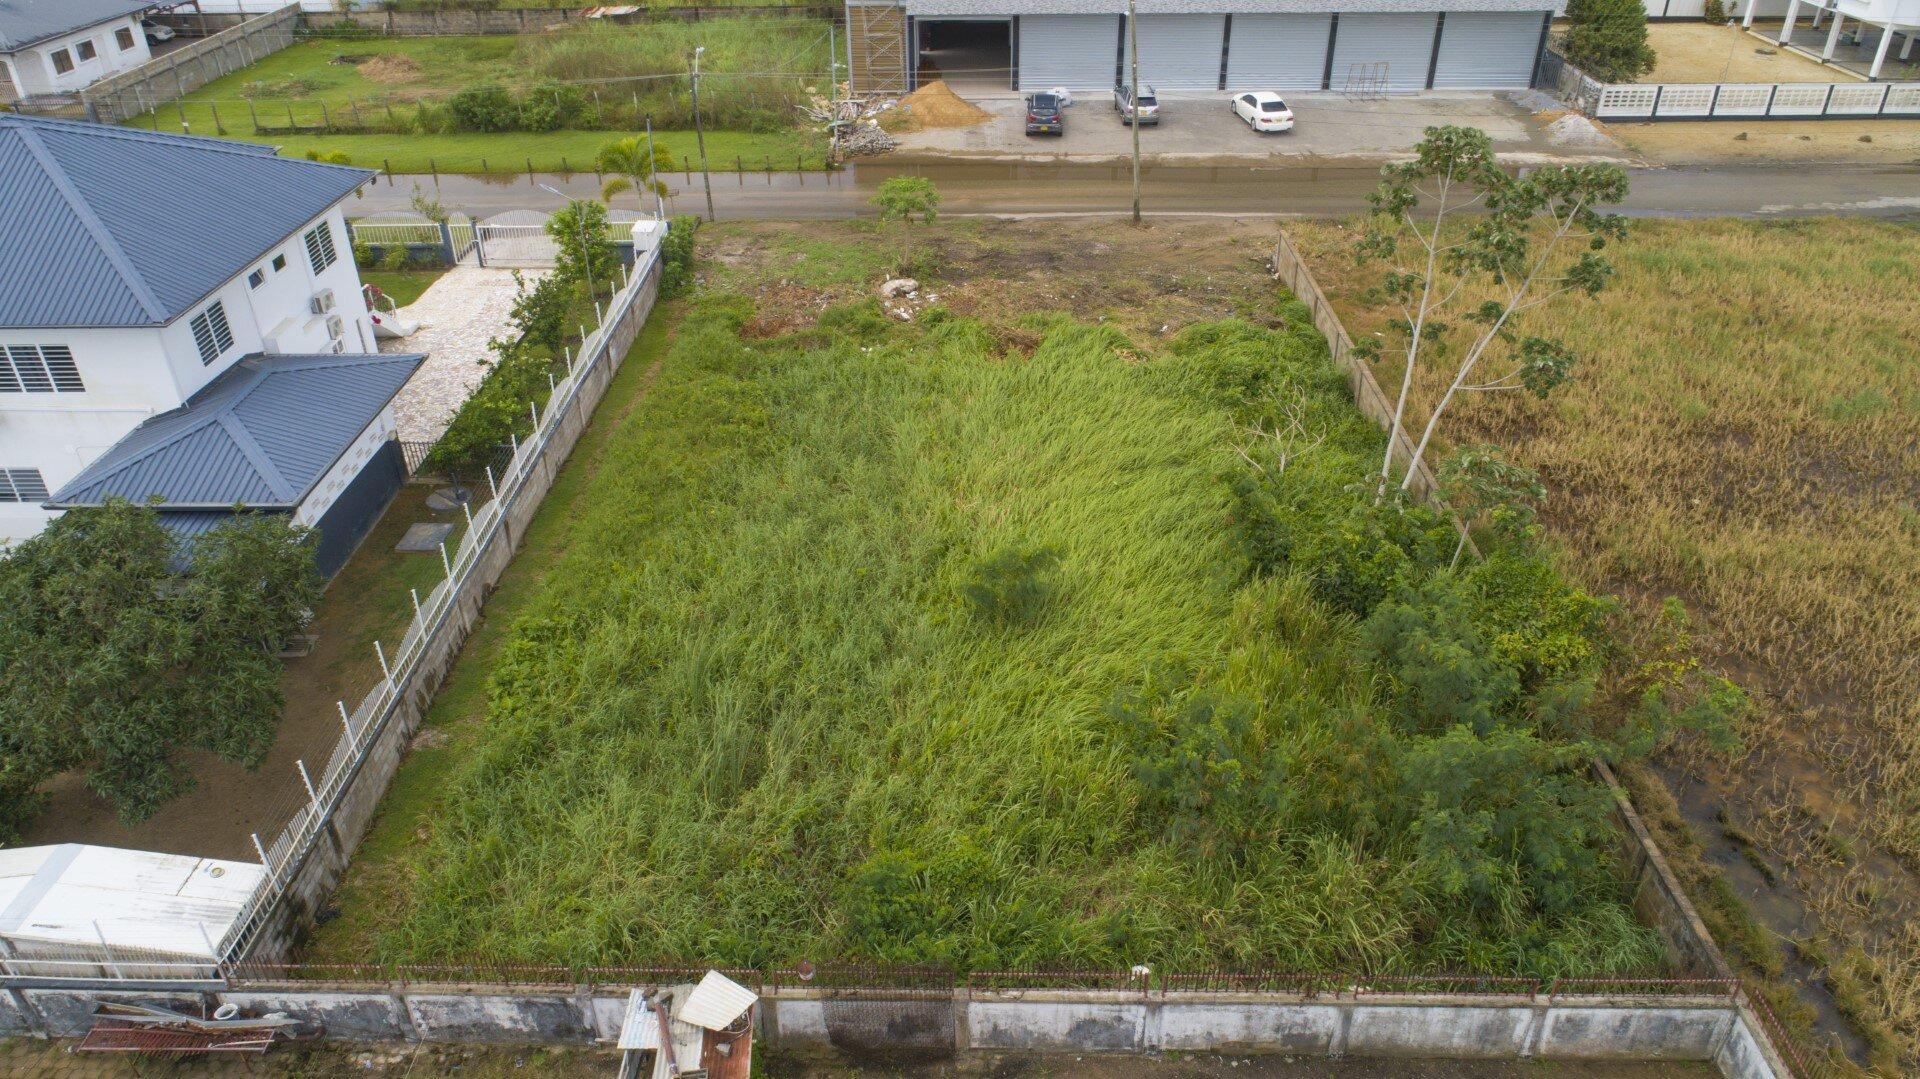 Powisistraat Perc. 315 - Perceel gelegen aan de Powisistraat - Surgoed Makelaardij NV - Paramaribo, Suriname